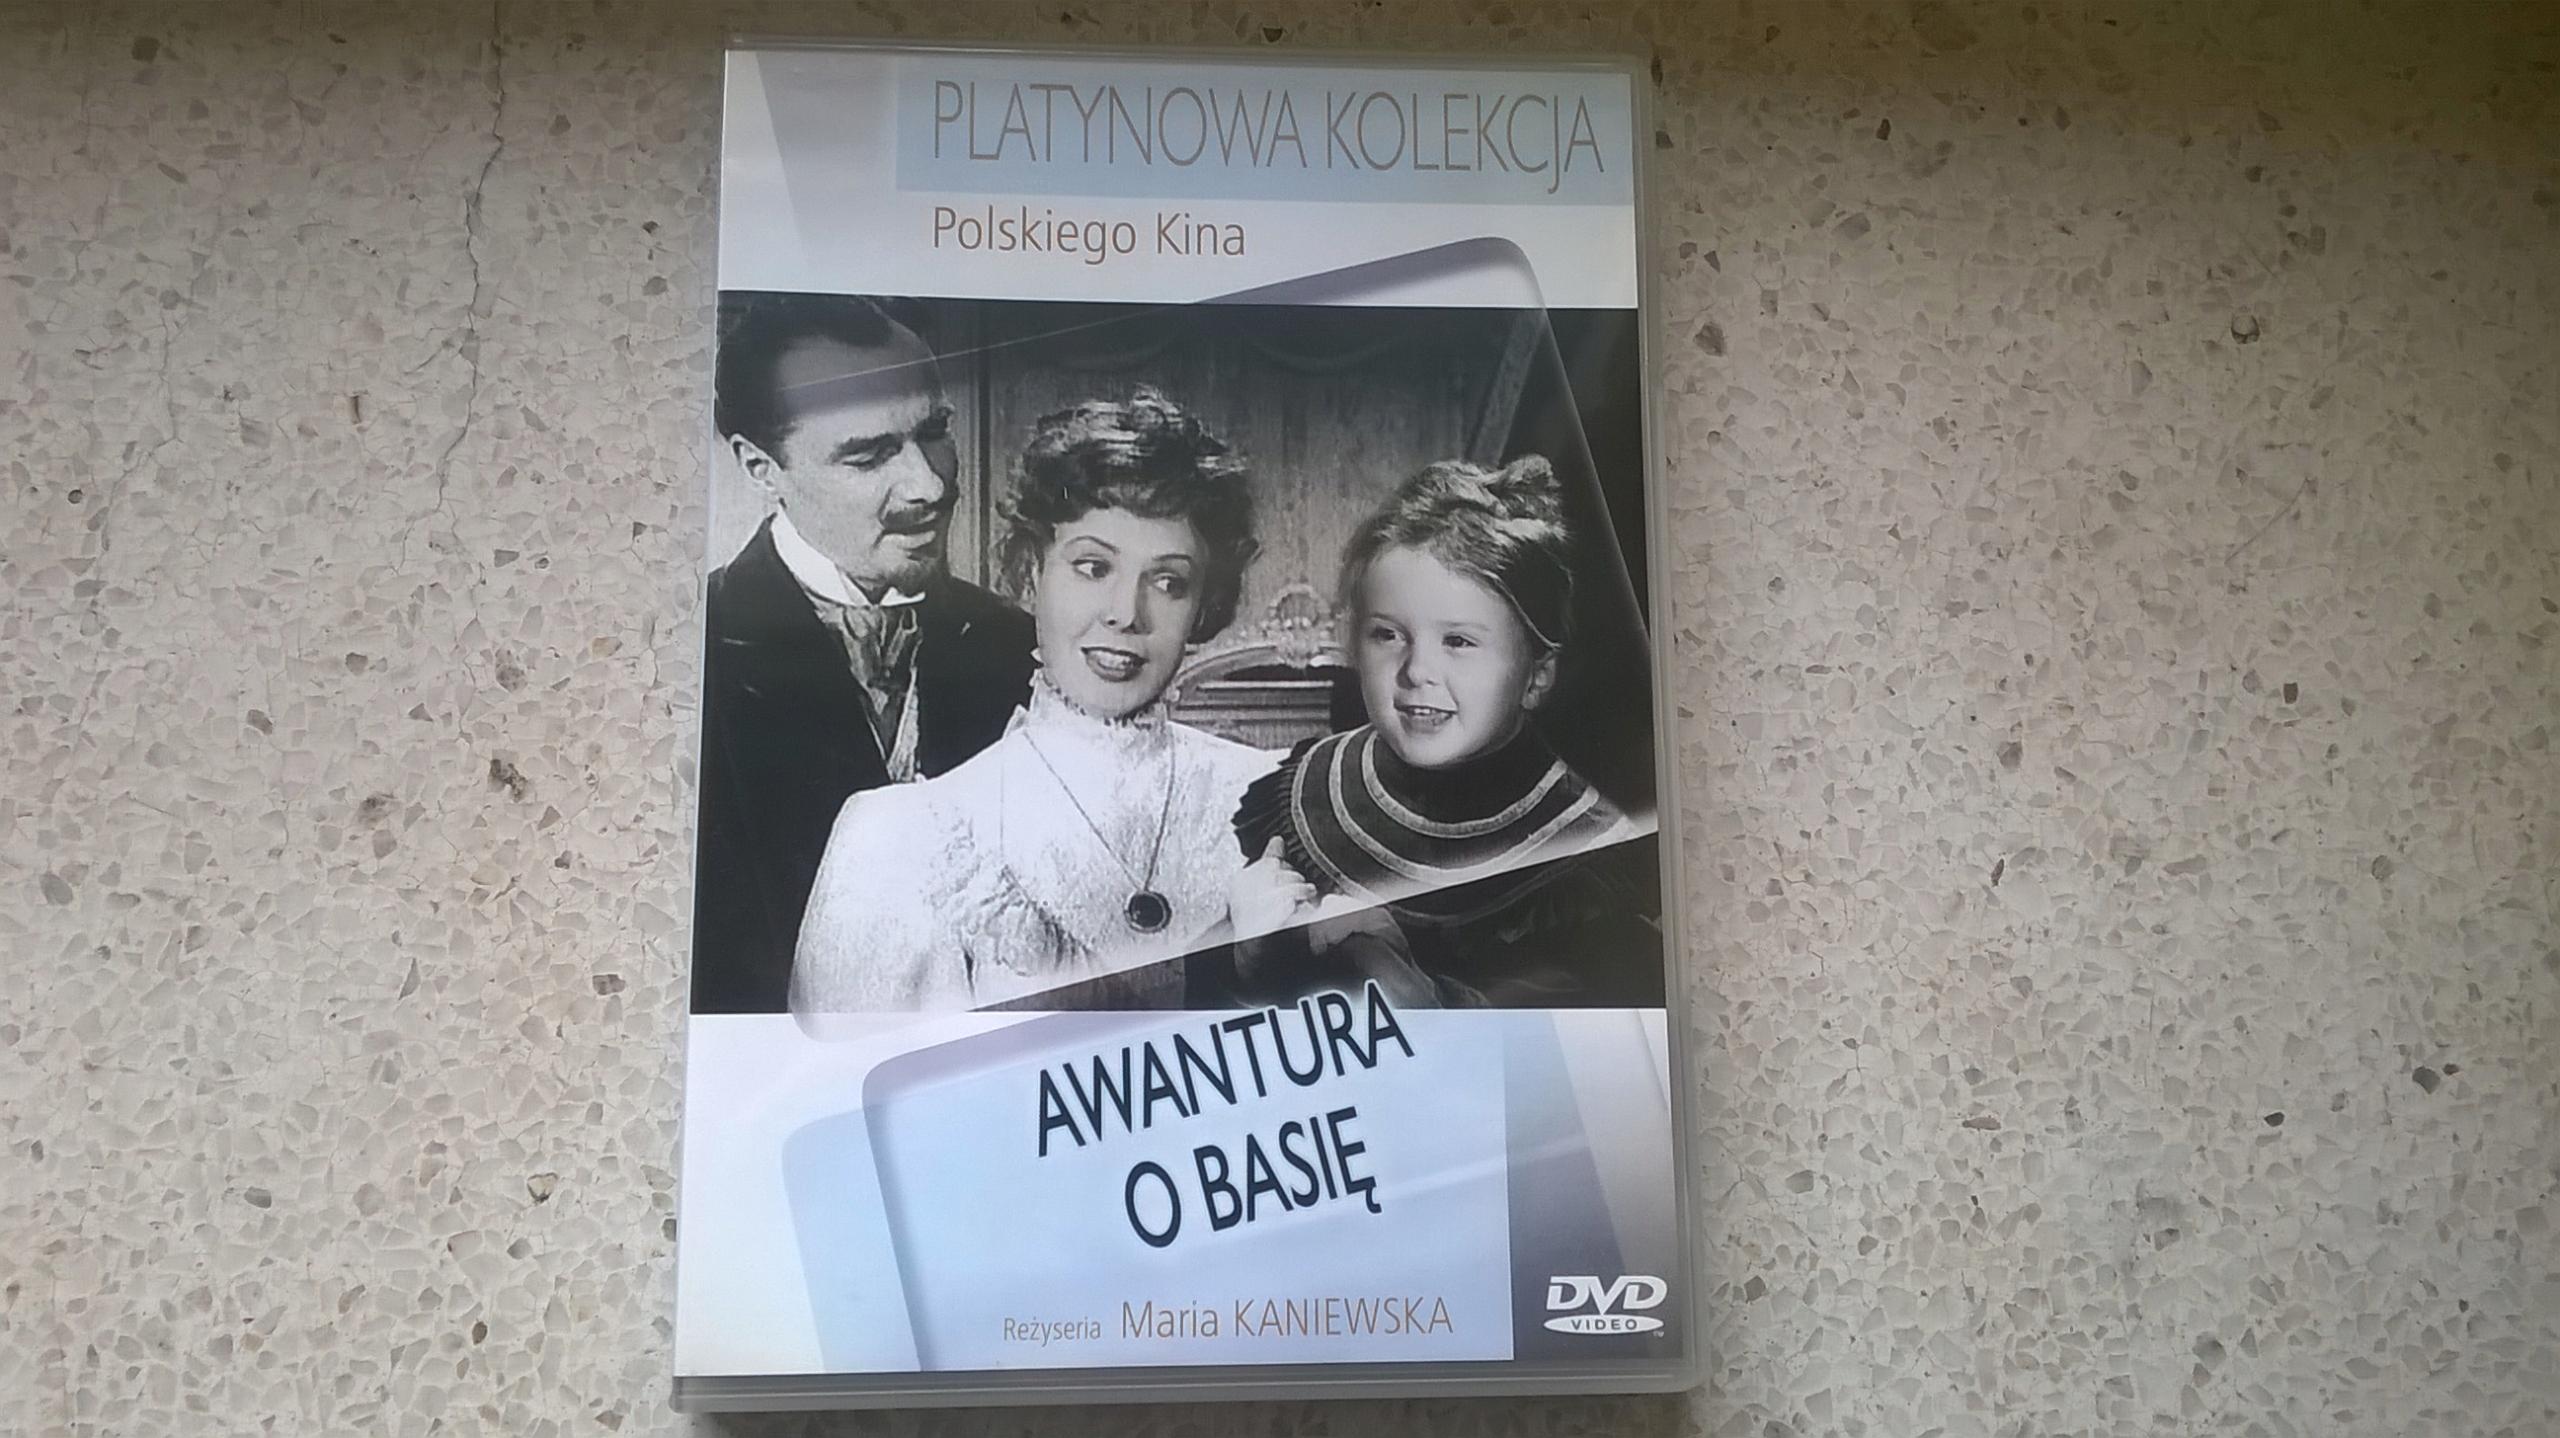 AWANTURA O BASIĘ (1959) Ewa Krasnodębska